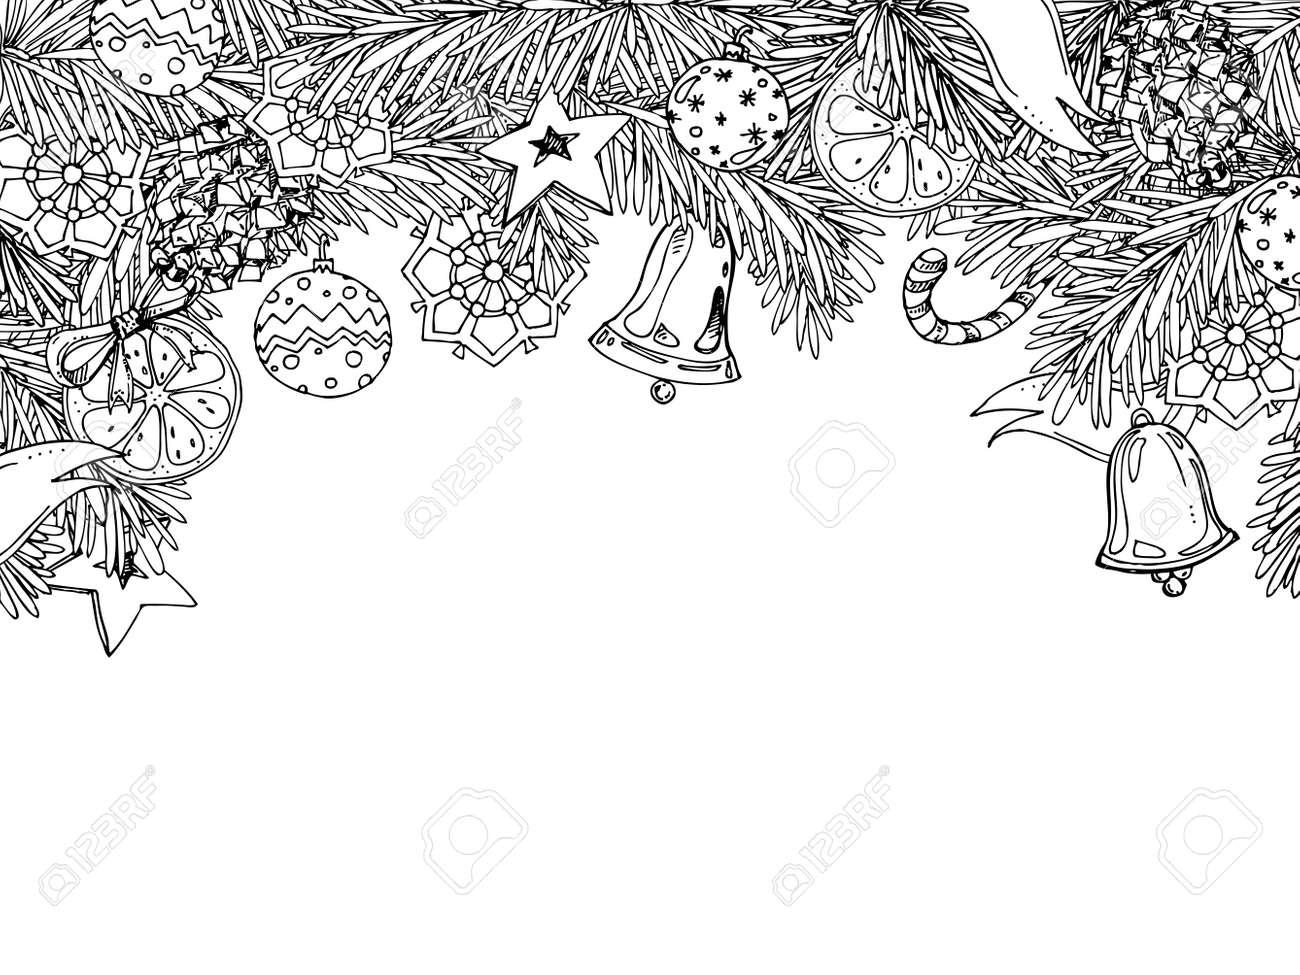 Vistoso Navidad Para Colorear Libro Ilustración - Dibujos Para ...